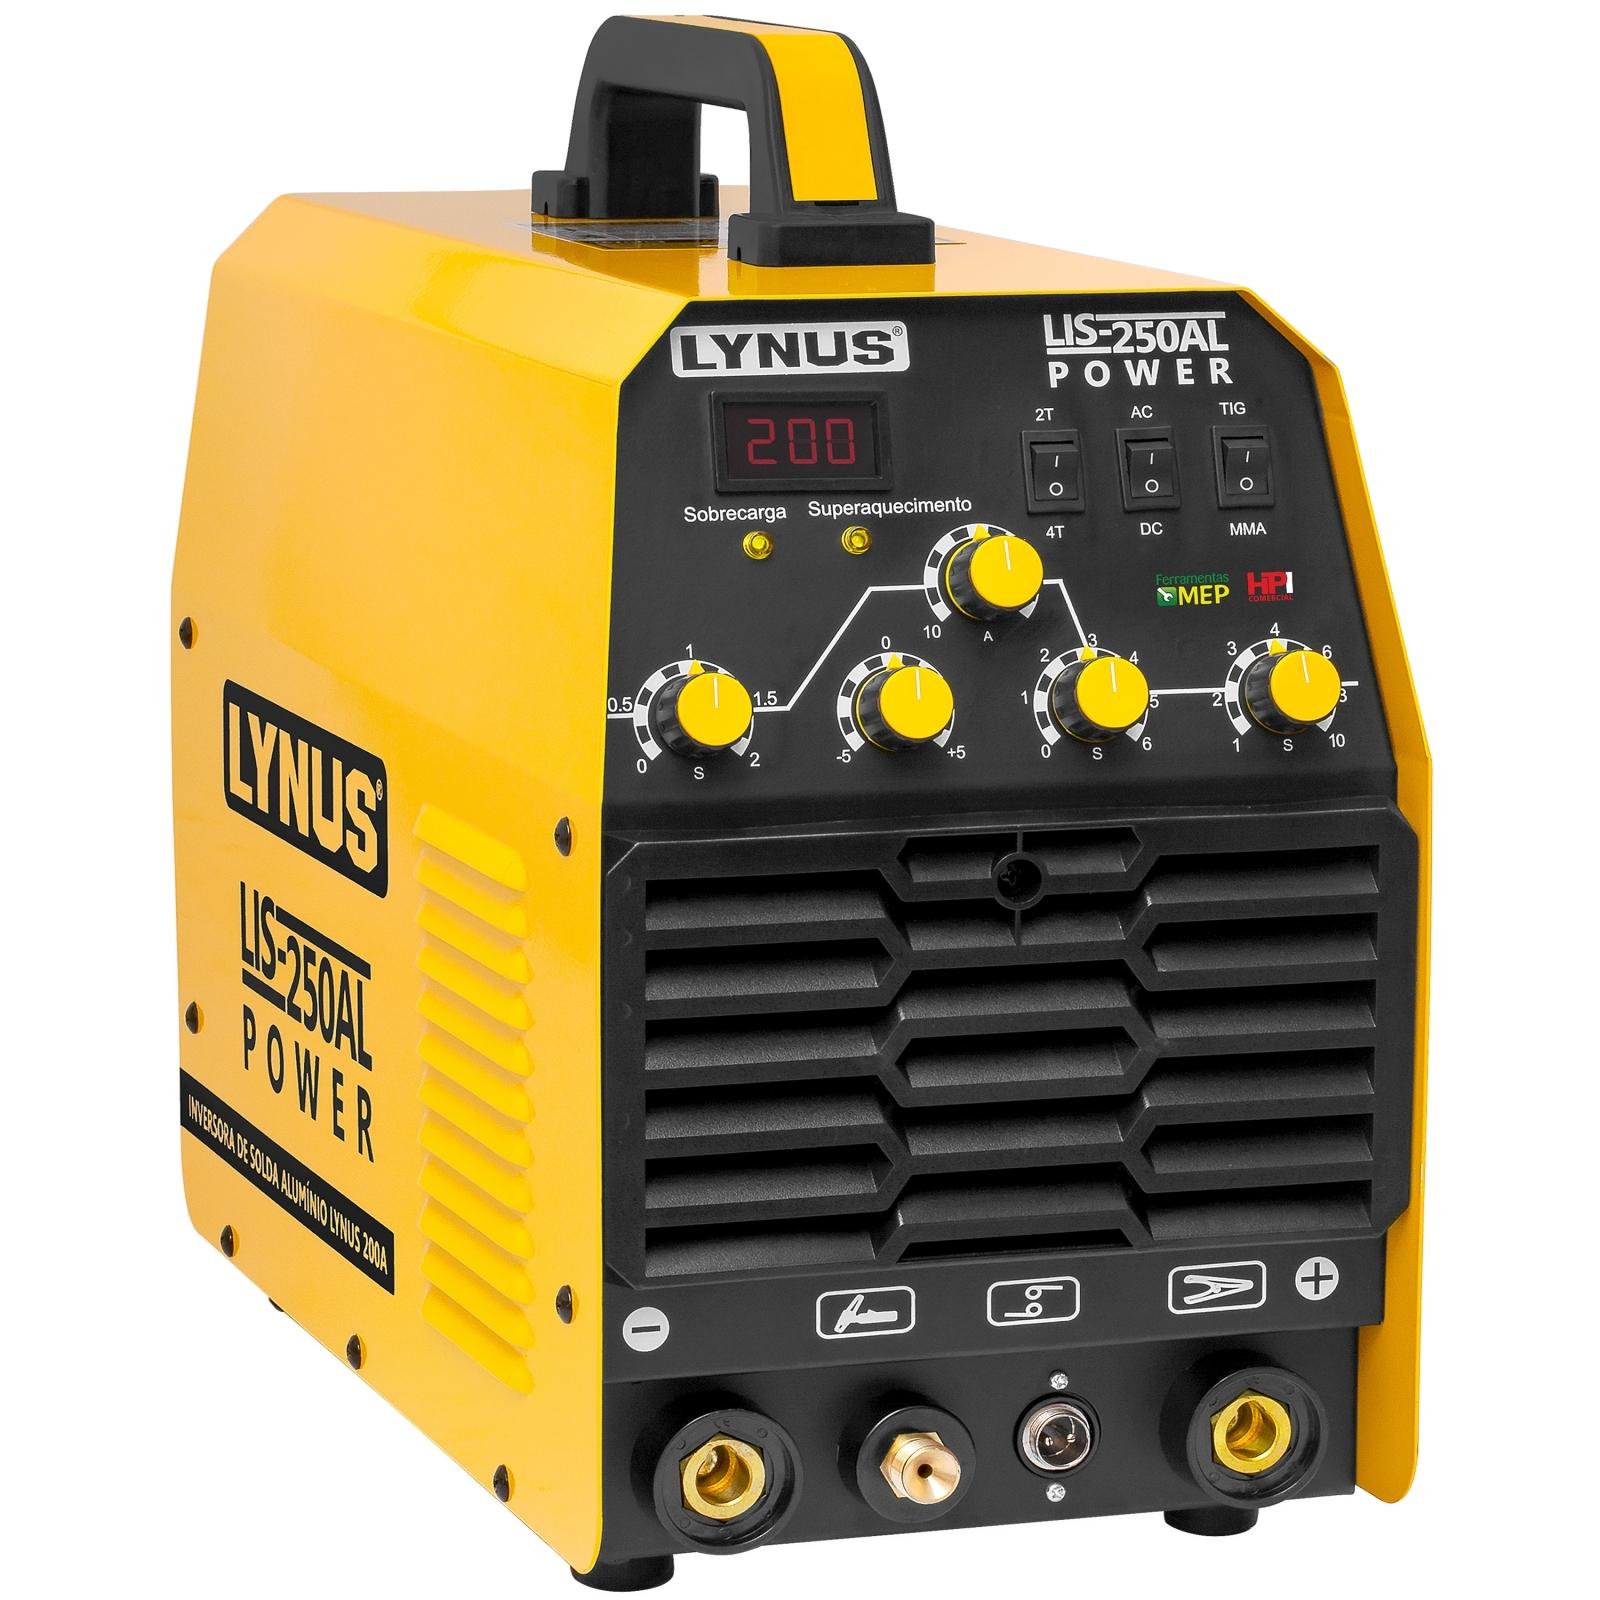 Inversora De Solda Tig Ac/Dc Lynus Lis-250Al 200a 220v Adl - Ferramentas MEP